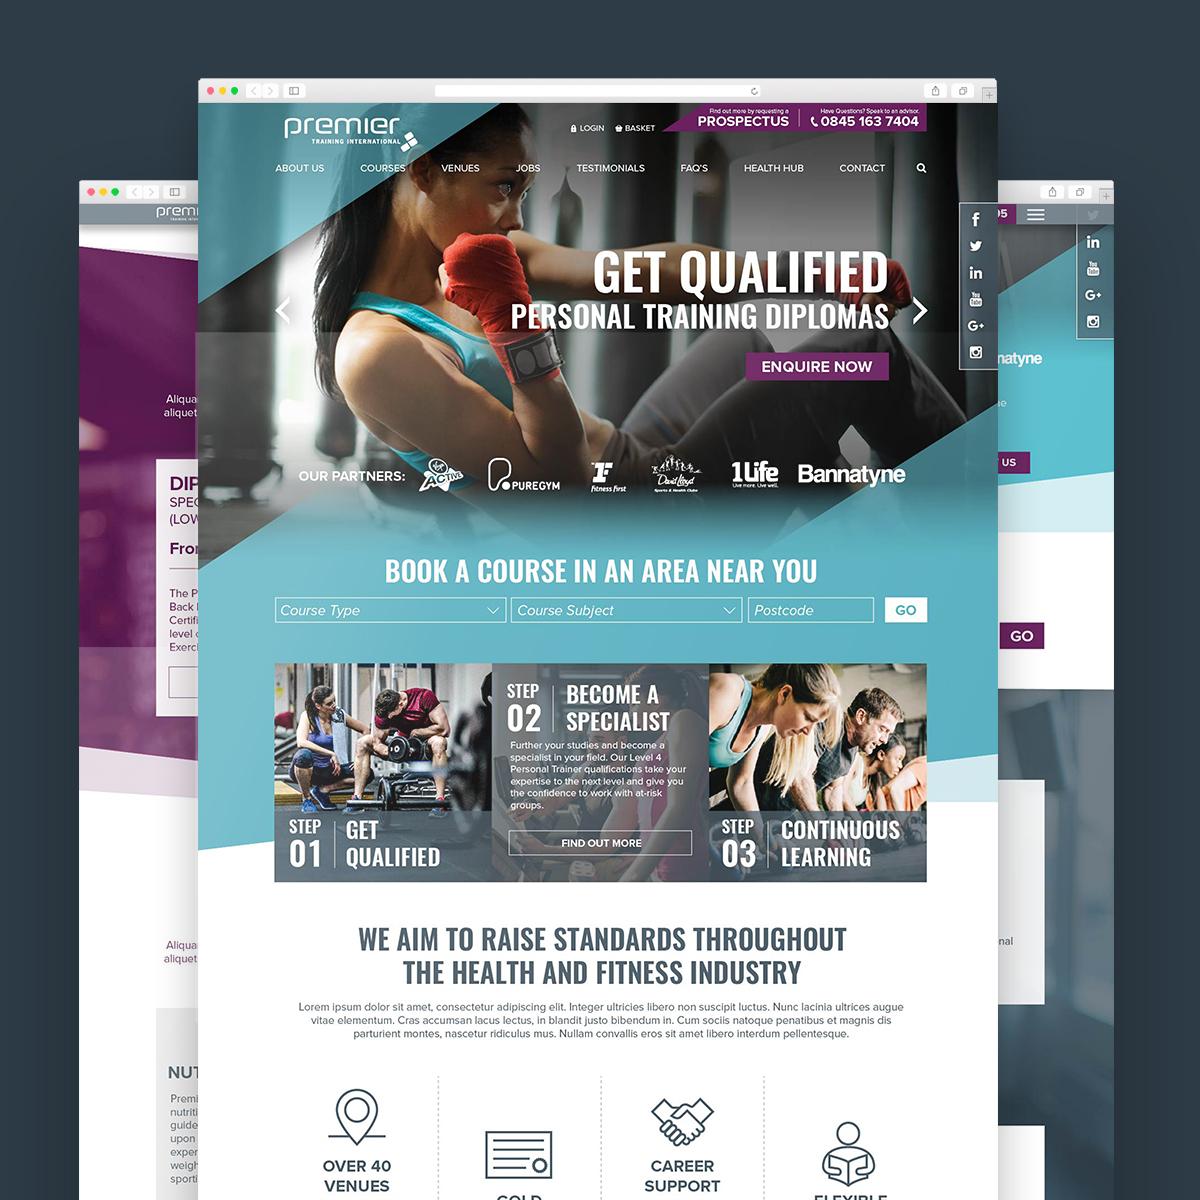 Web Design: Premier Global